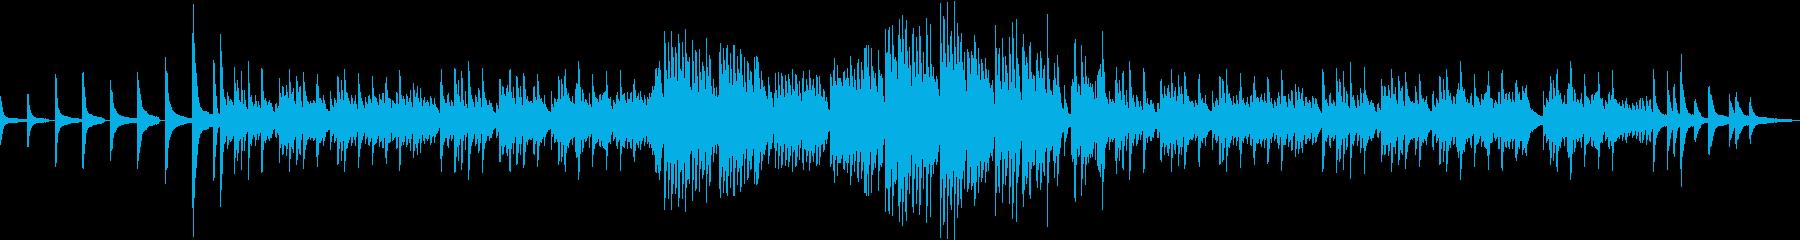 孤独を味わうピアノソロの再生済みの波形